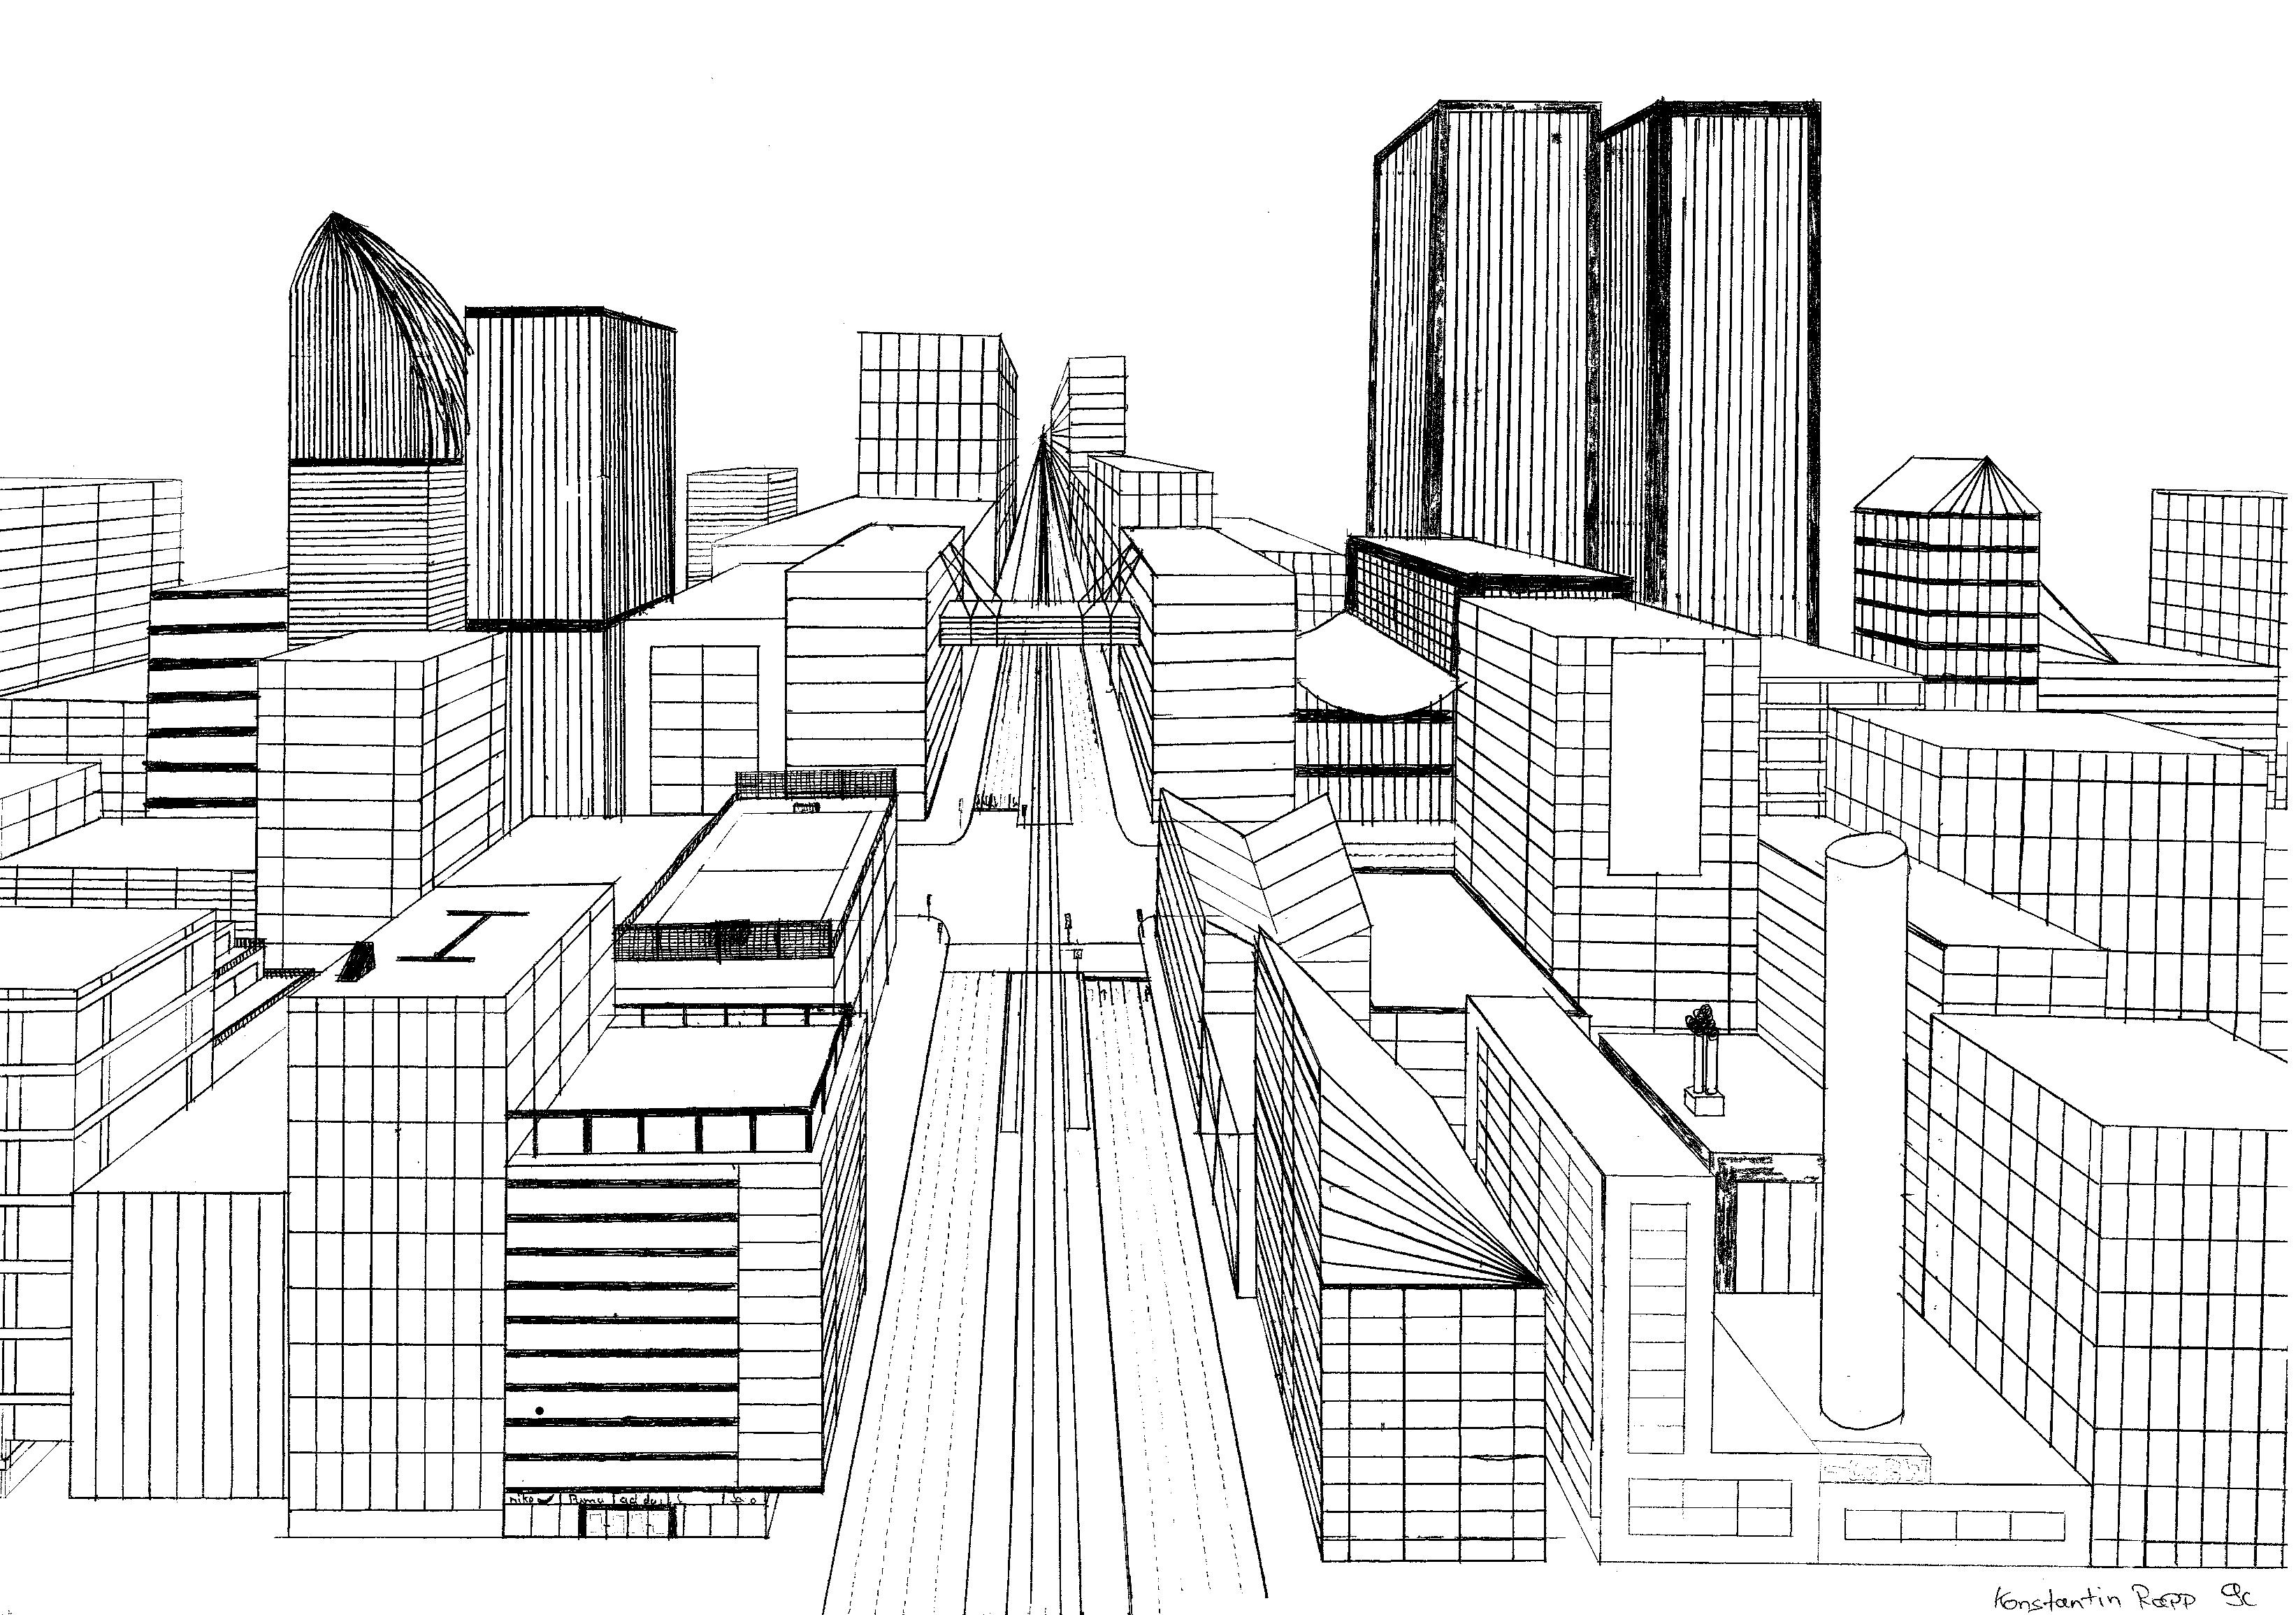 perspektive zeichnen arbeitsblatt - Pesquisa Google | 4.Klasse ...